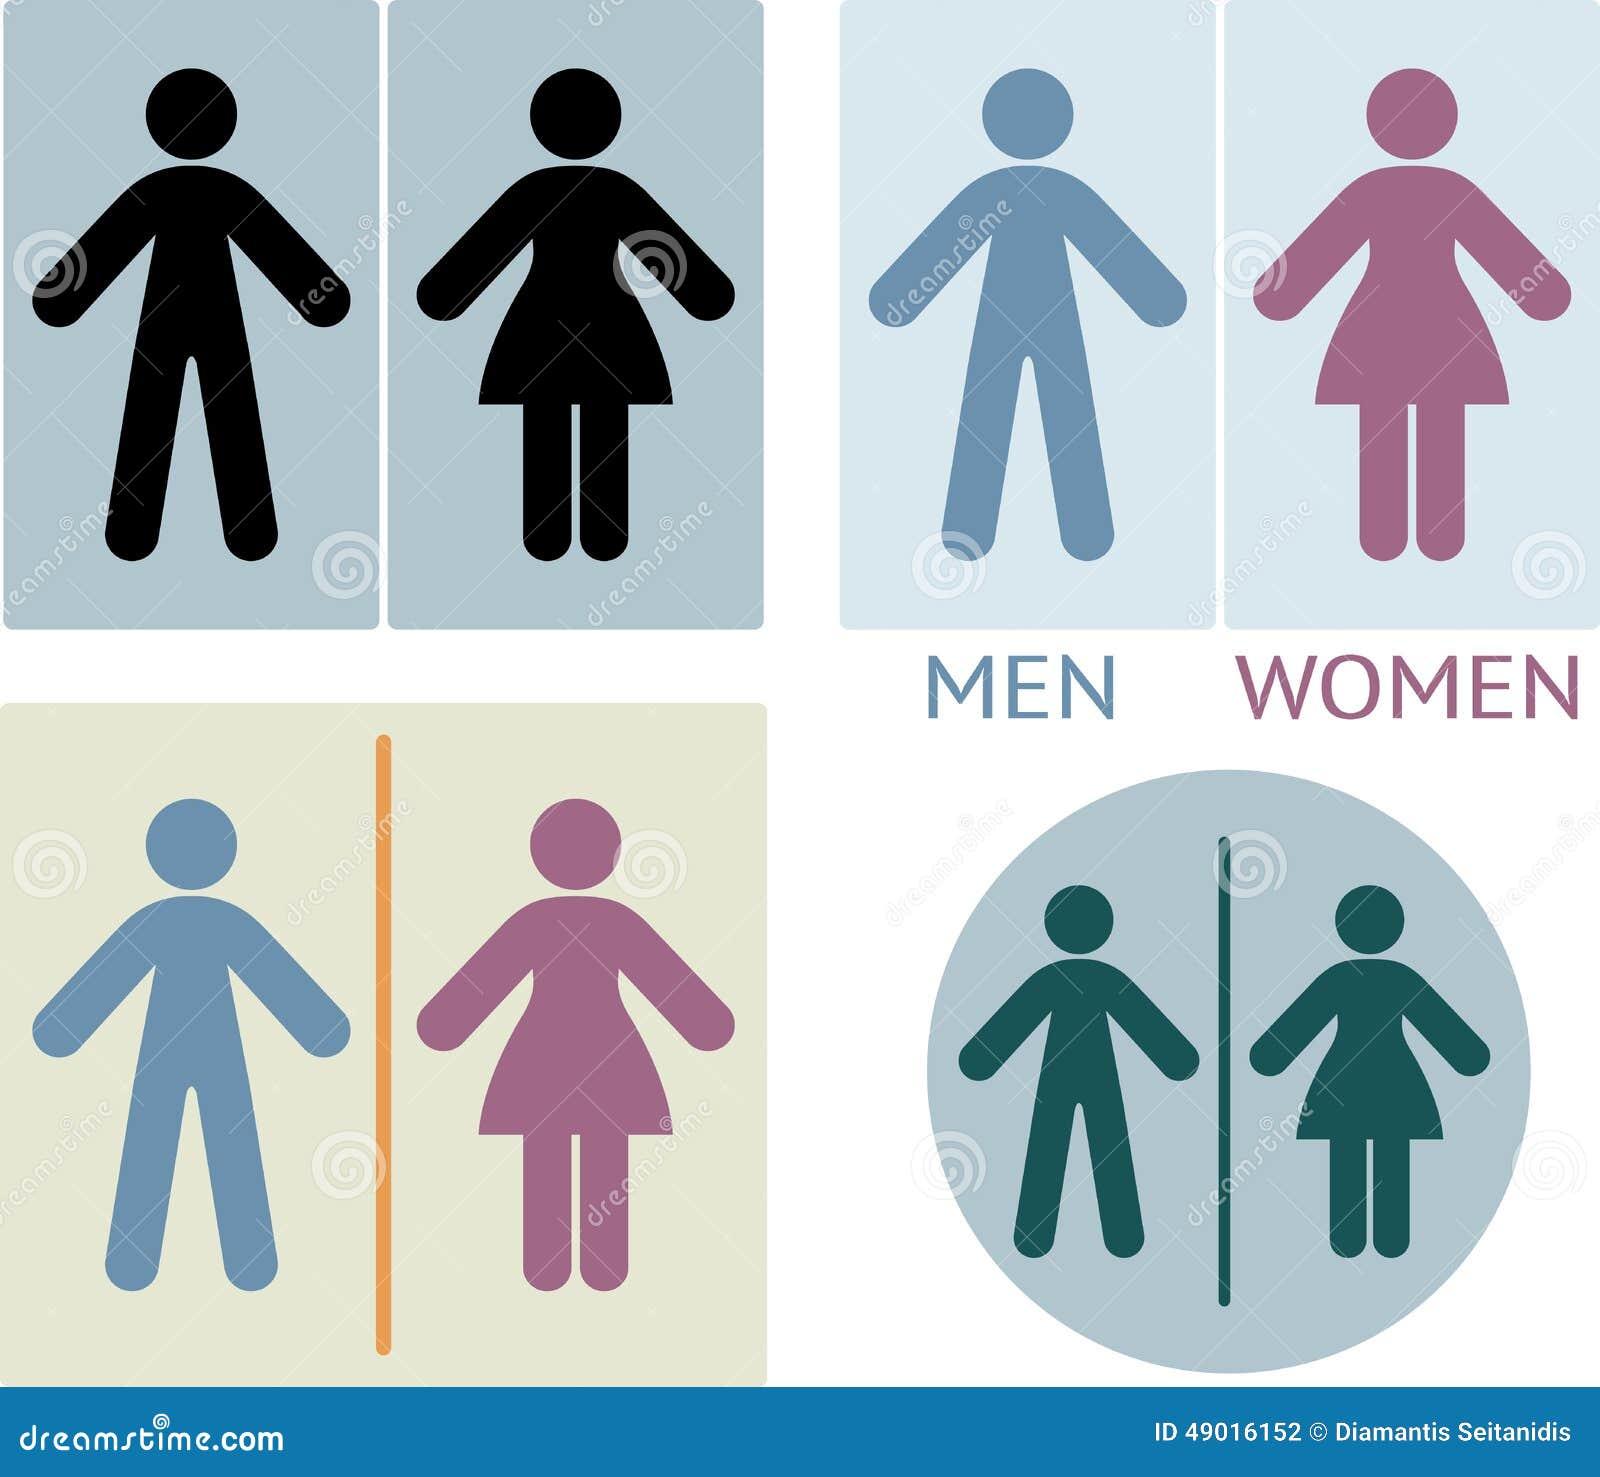 Segno del locale di riposo o della toilette illustrazione vettoriale immagine 49016152 - Etichetta bagno donne ...